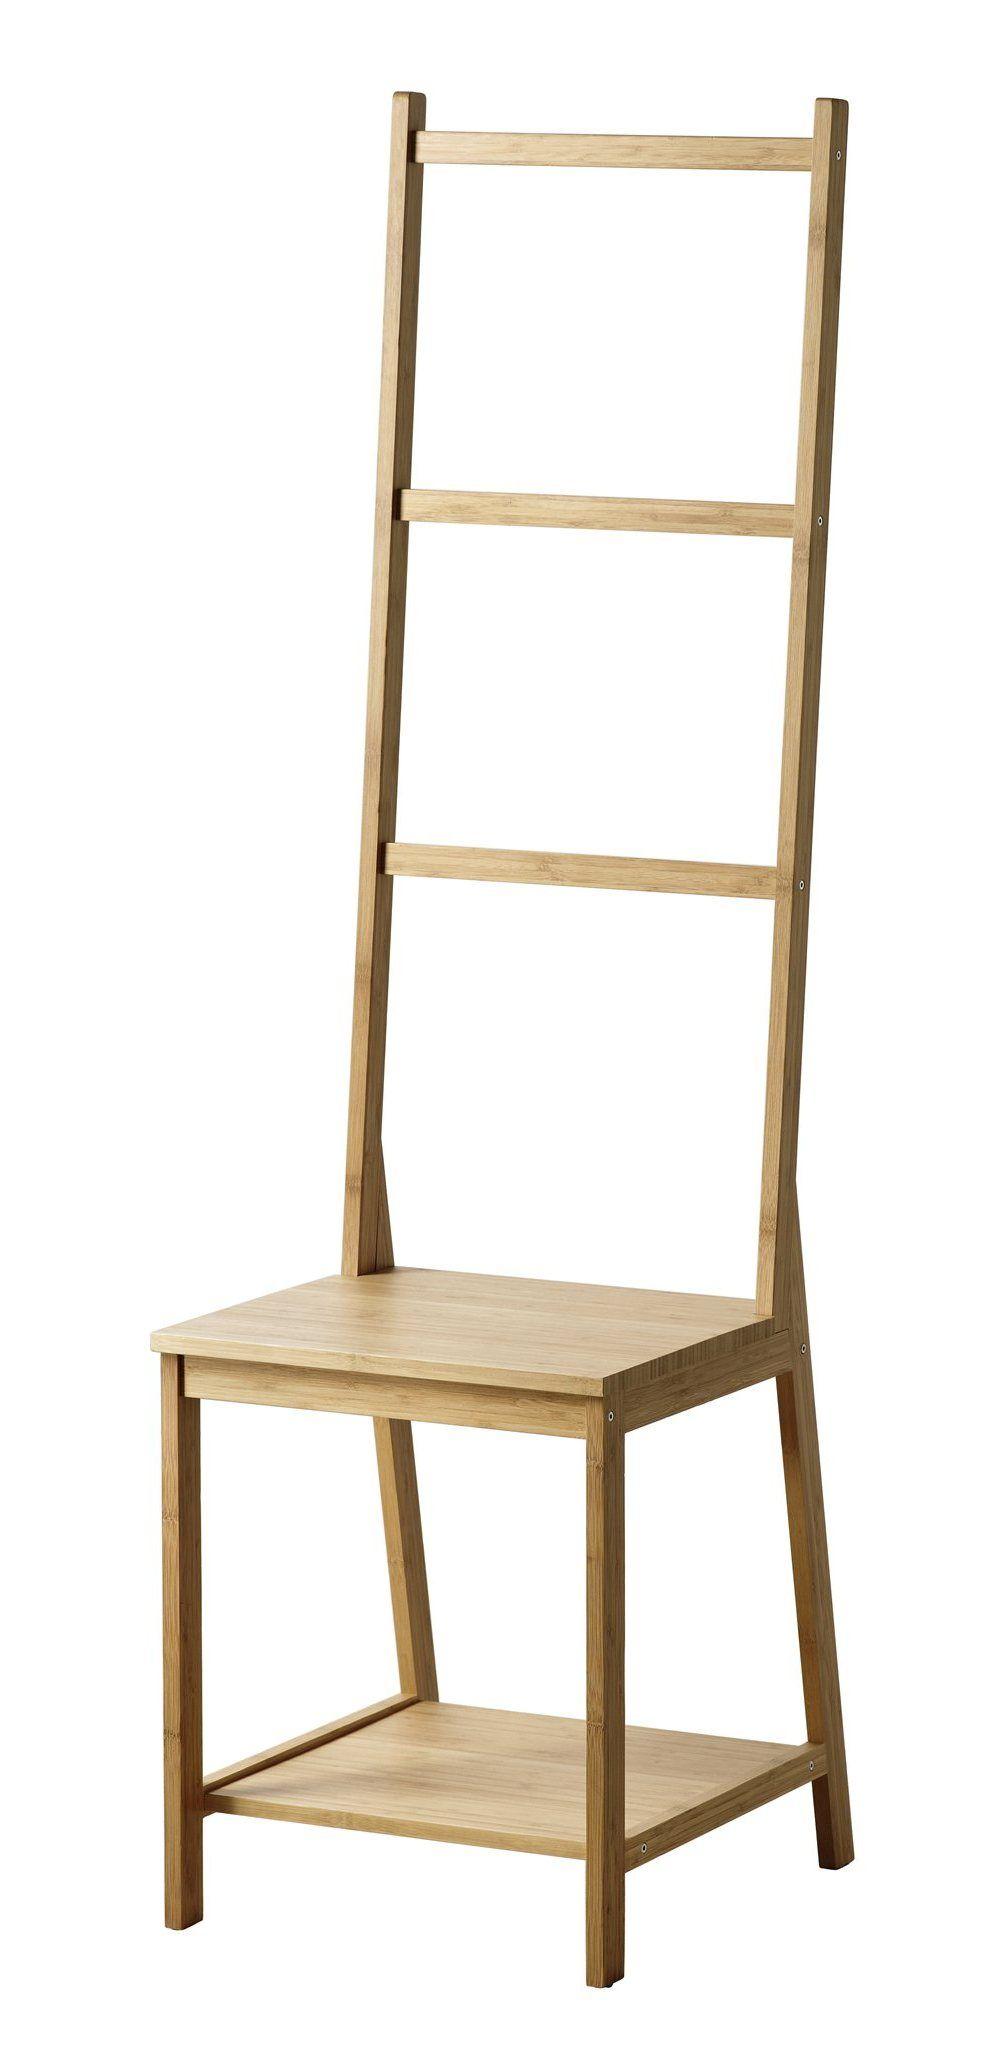 Chaise Seche Serviette Accessoires Salle De Bain Porte Serviette Ikea